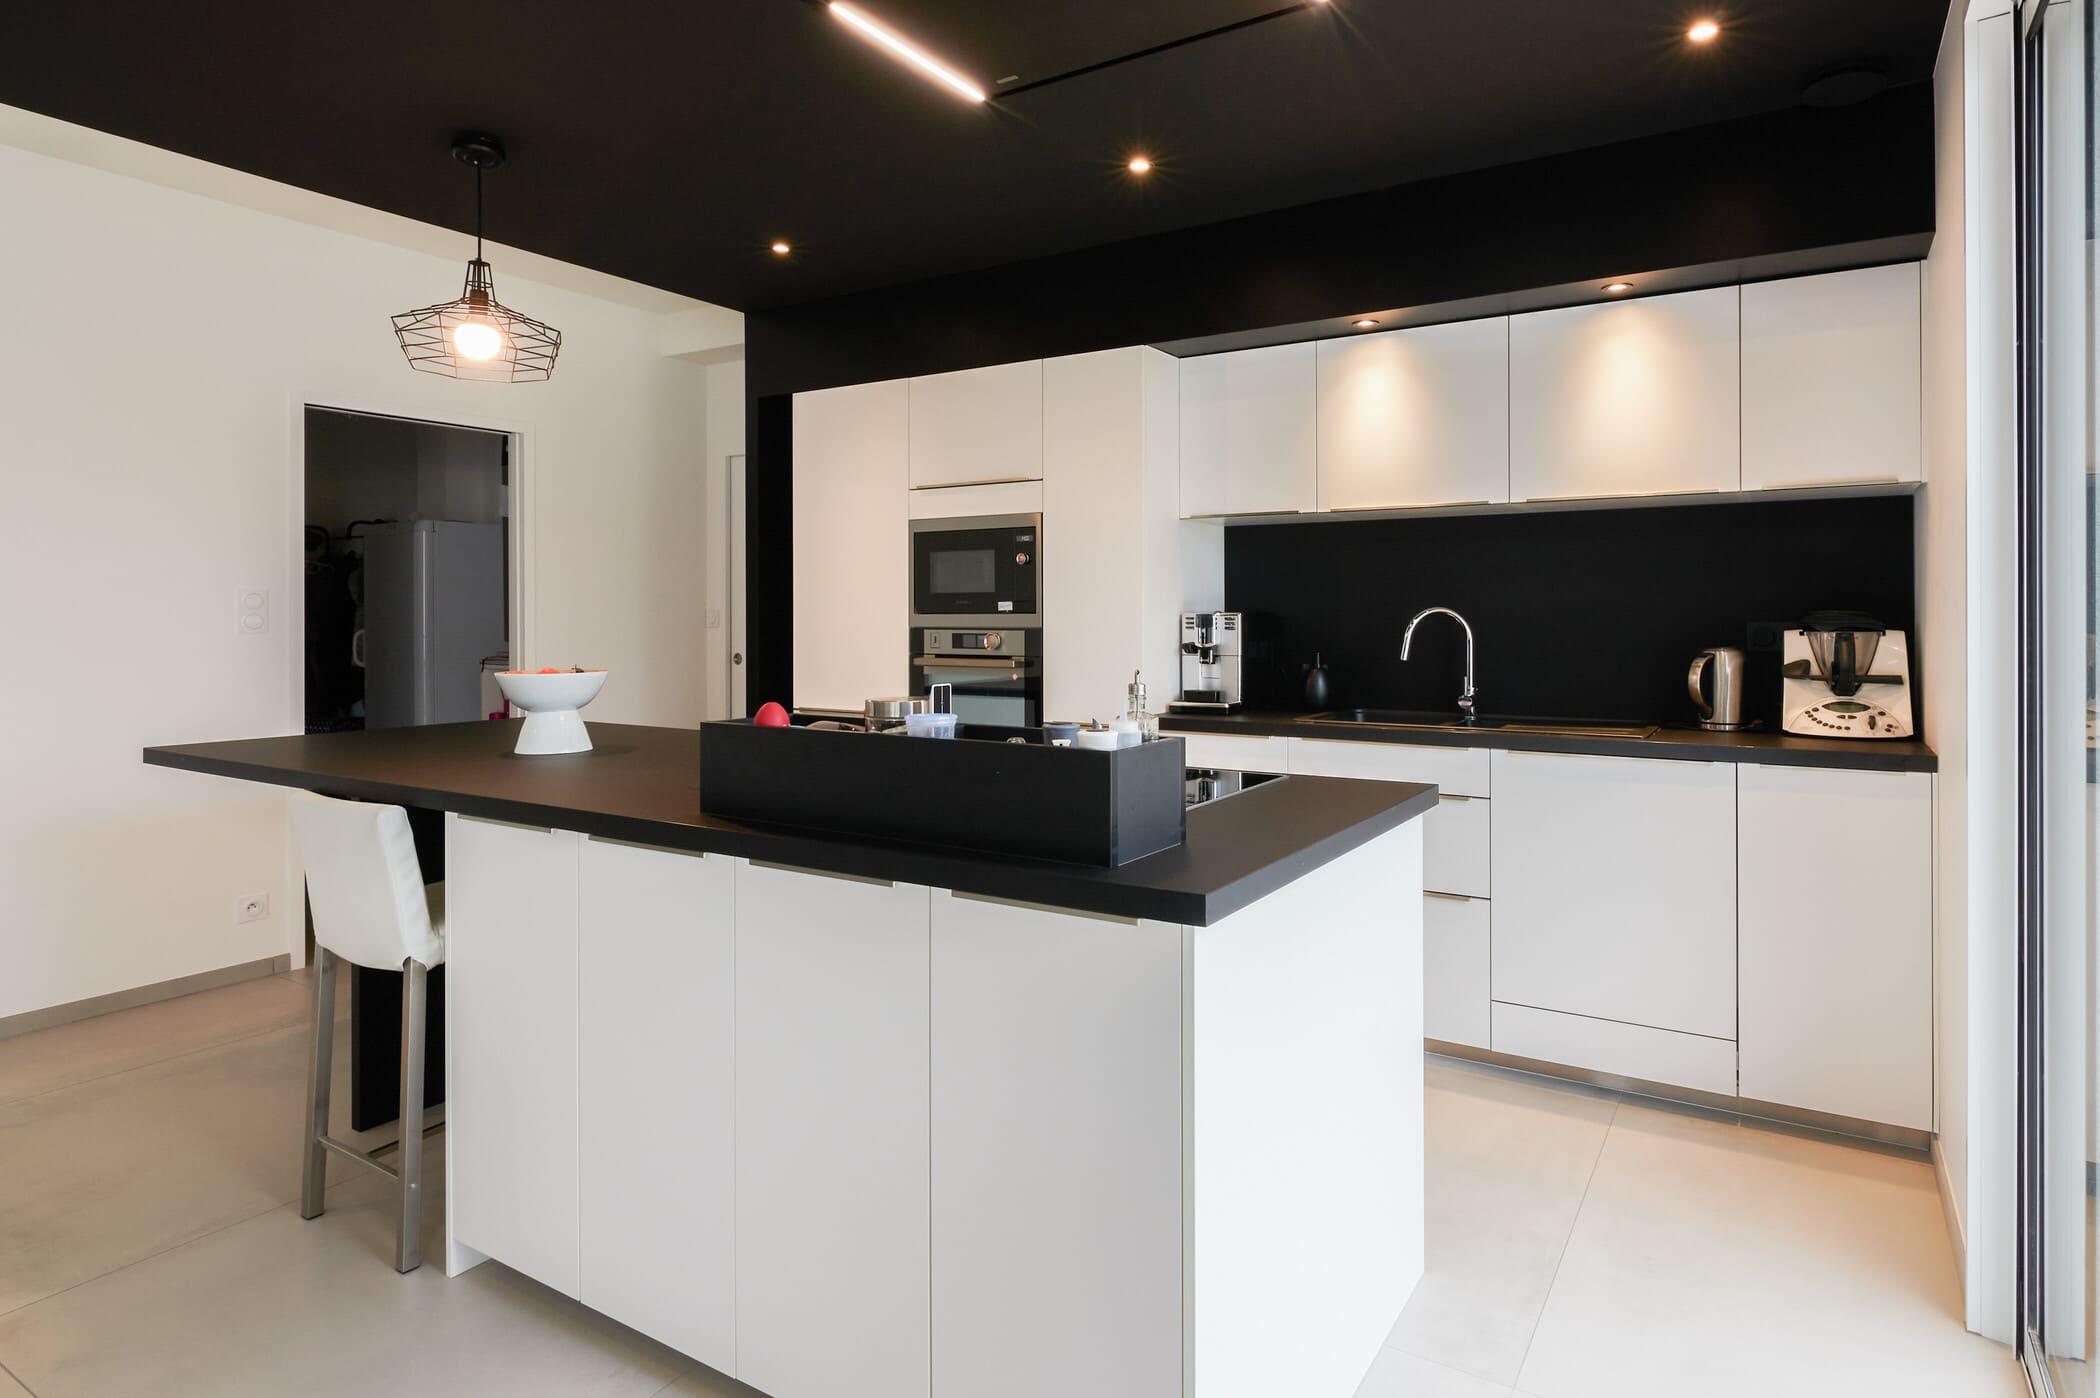 Cuisine ouverte design noire et blanche avec îlot central | Raison Home - 8